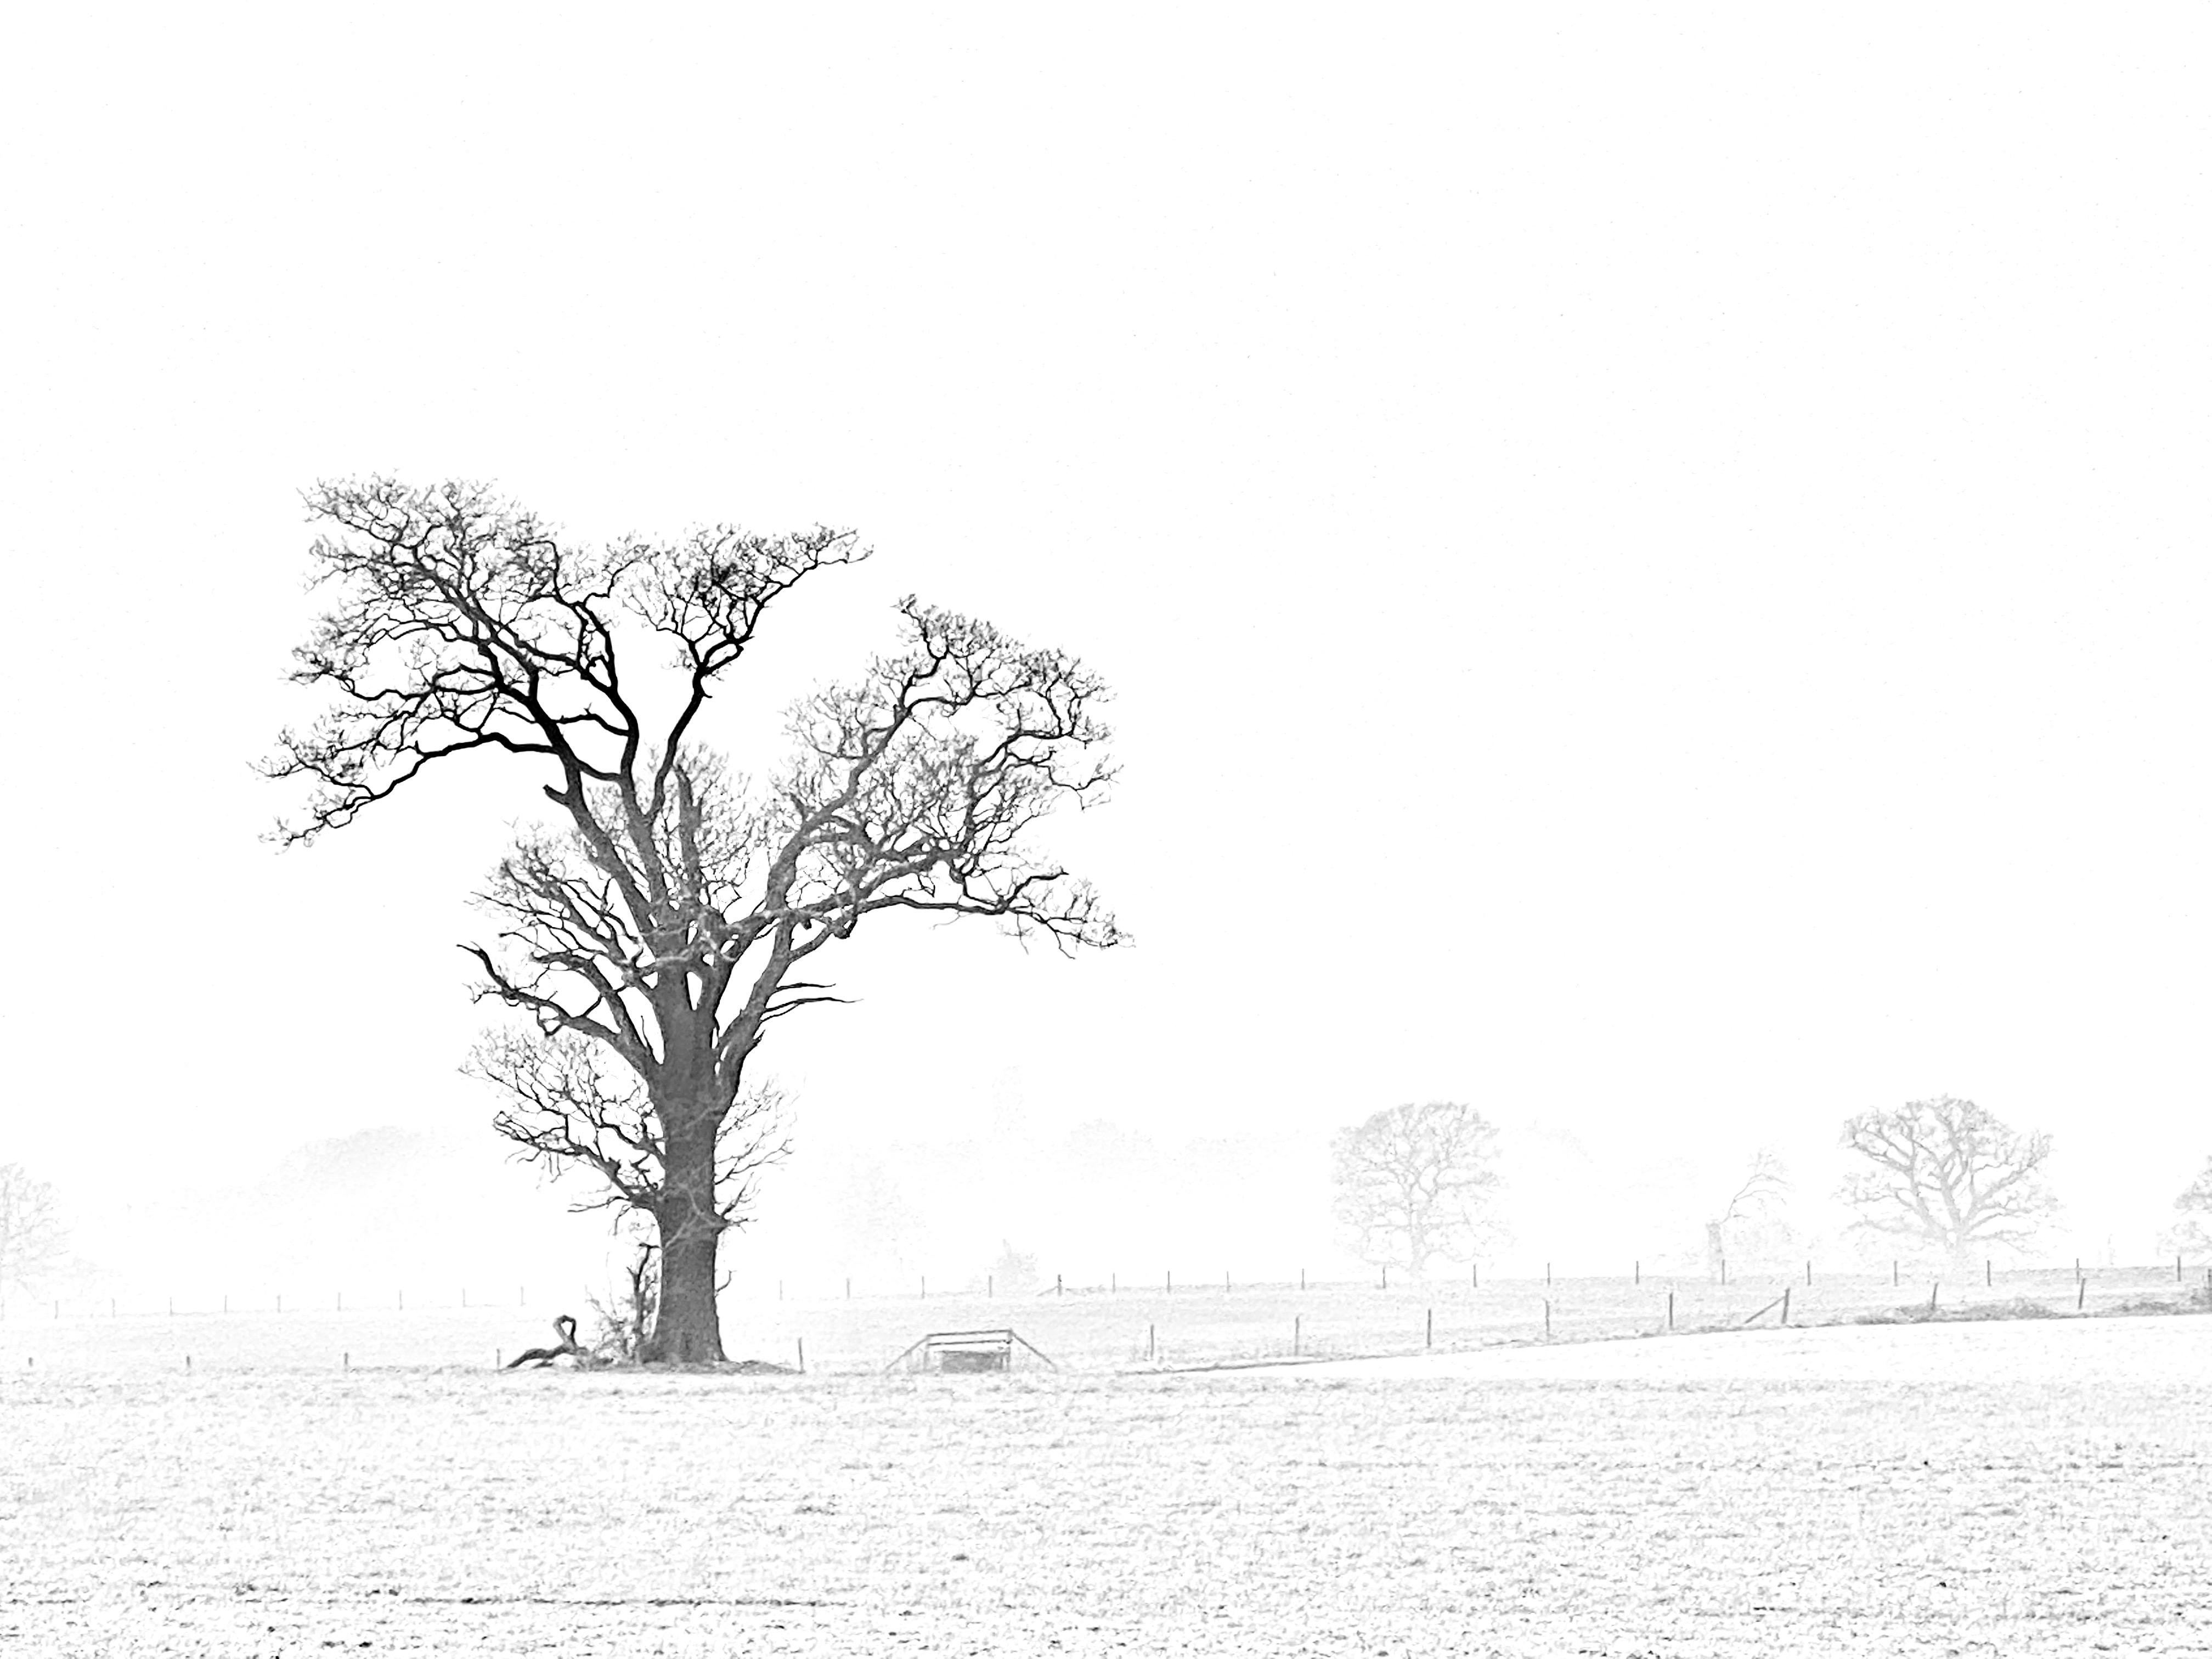 Winter adornments